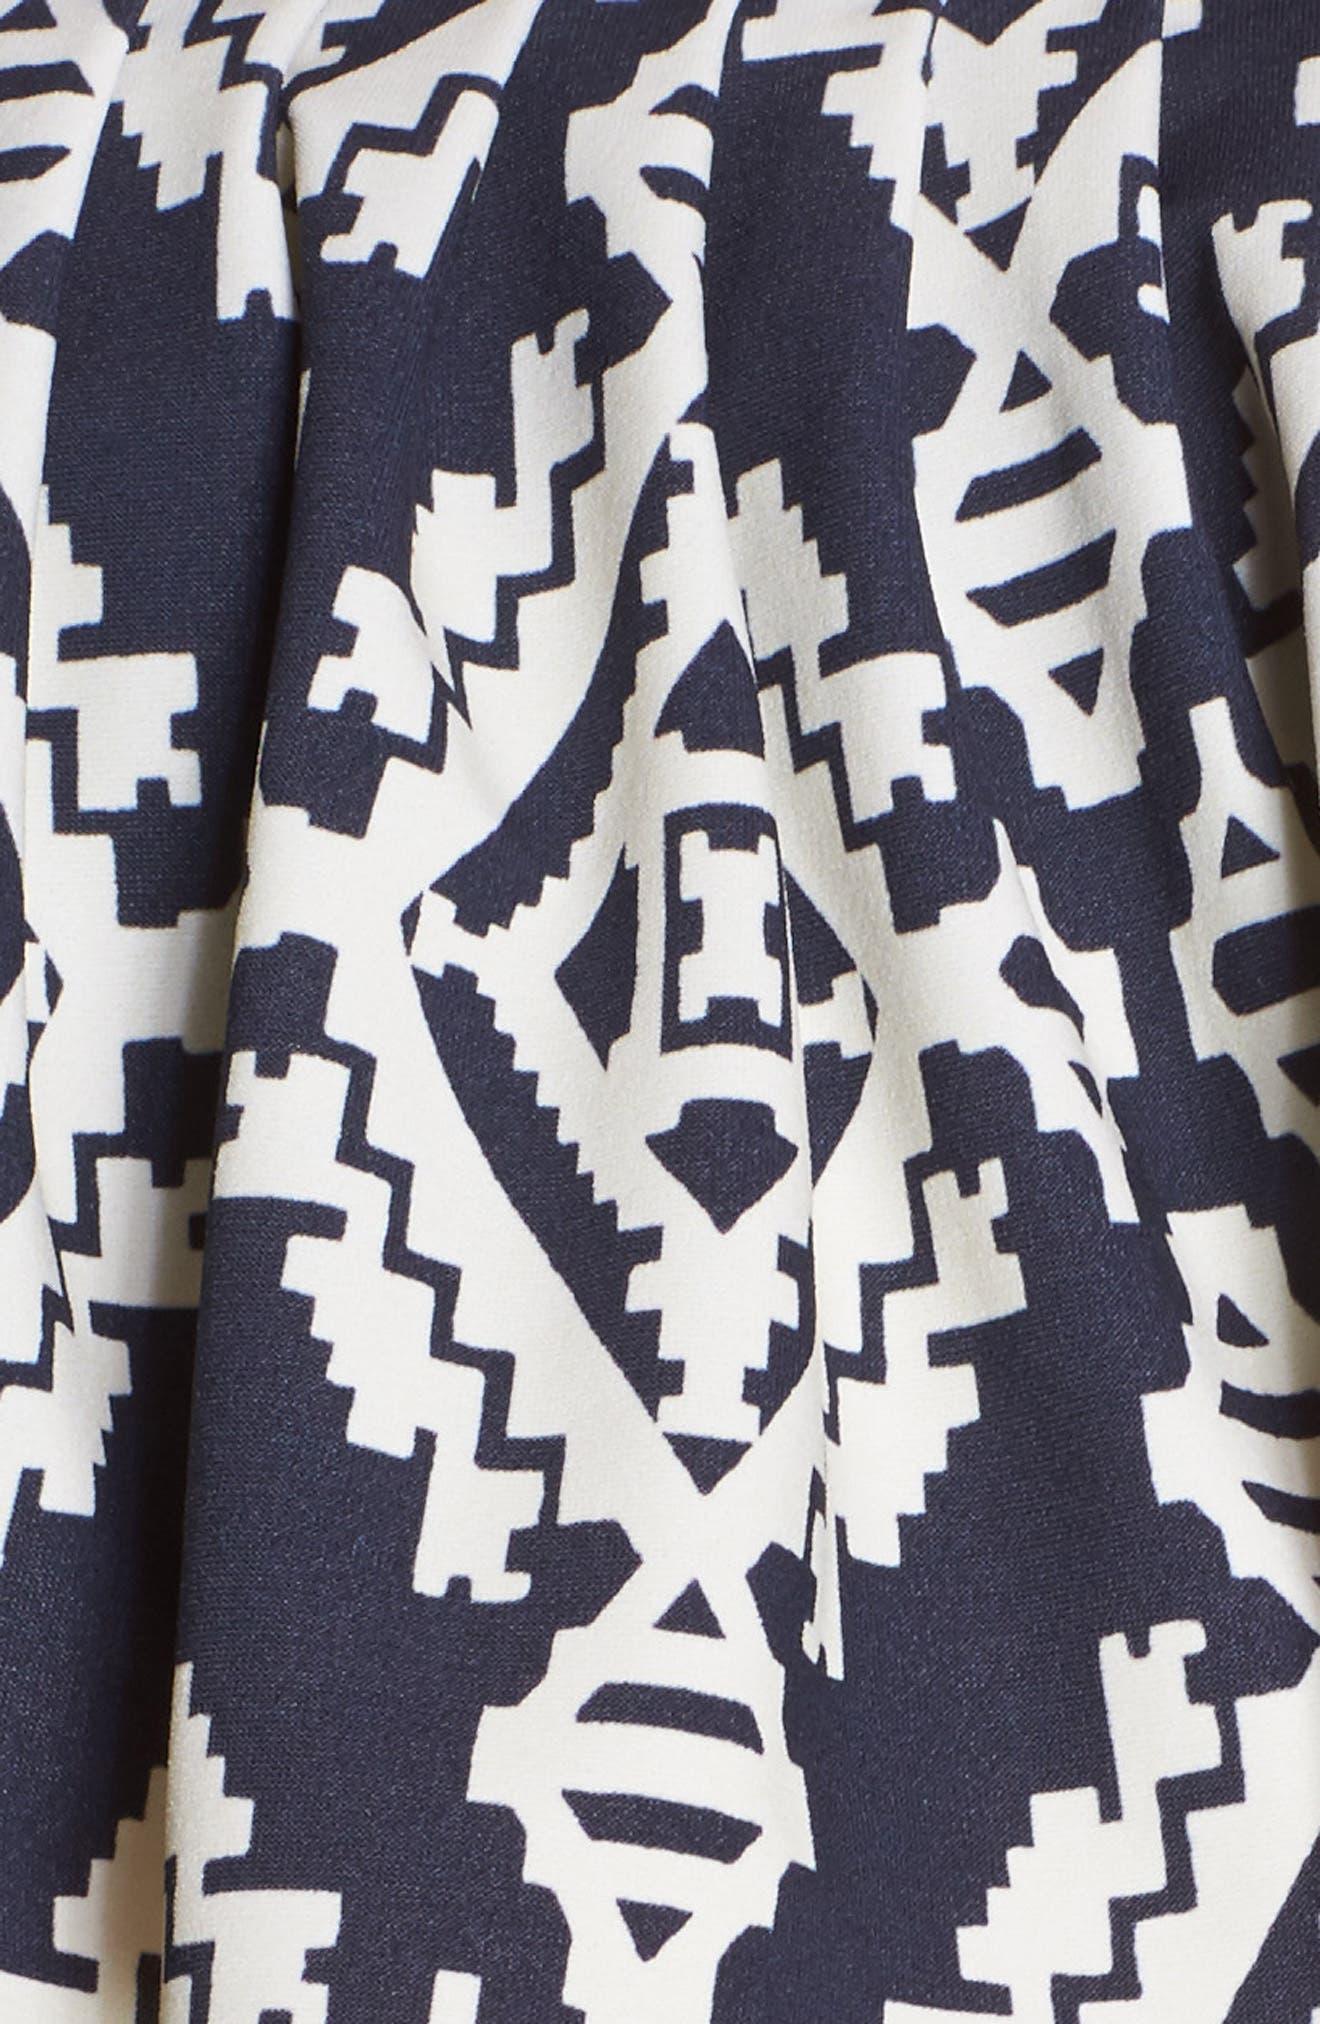 Geometric Print Flounce Bikini Top,                             Alternate thumbnail 5, color,                             433